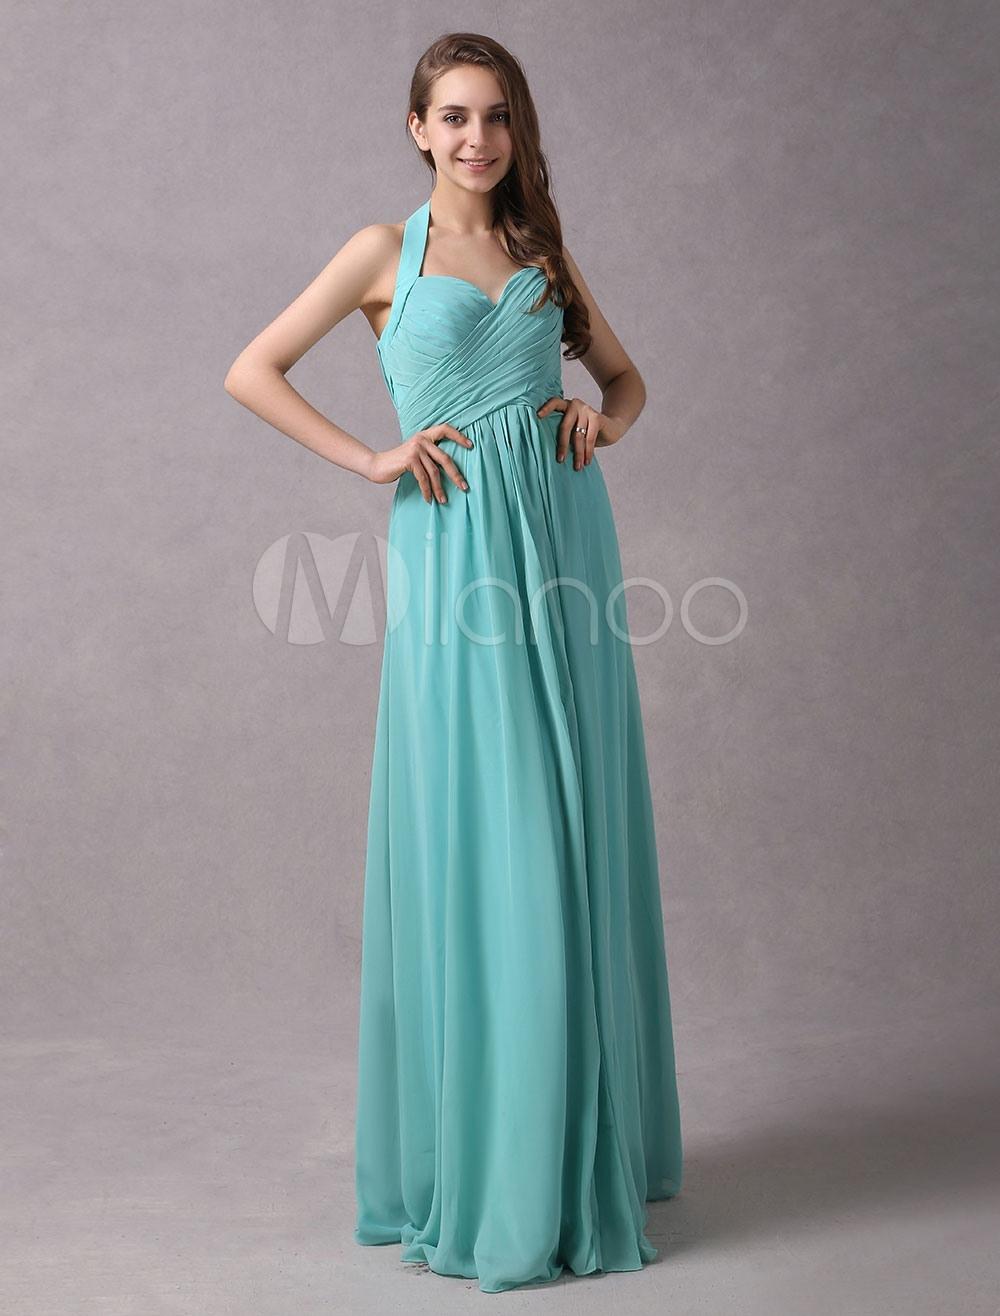 Abend Ausgezeichnet Kleid Dunkelgrün Lang VertriebDesigner Schön Kleid Dunkelgrün Lang Spezialgebiet